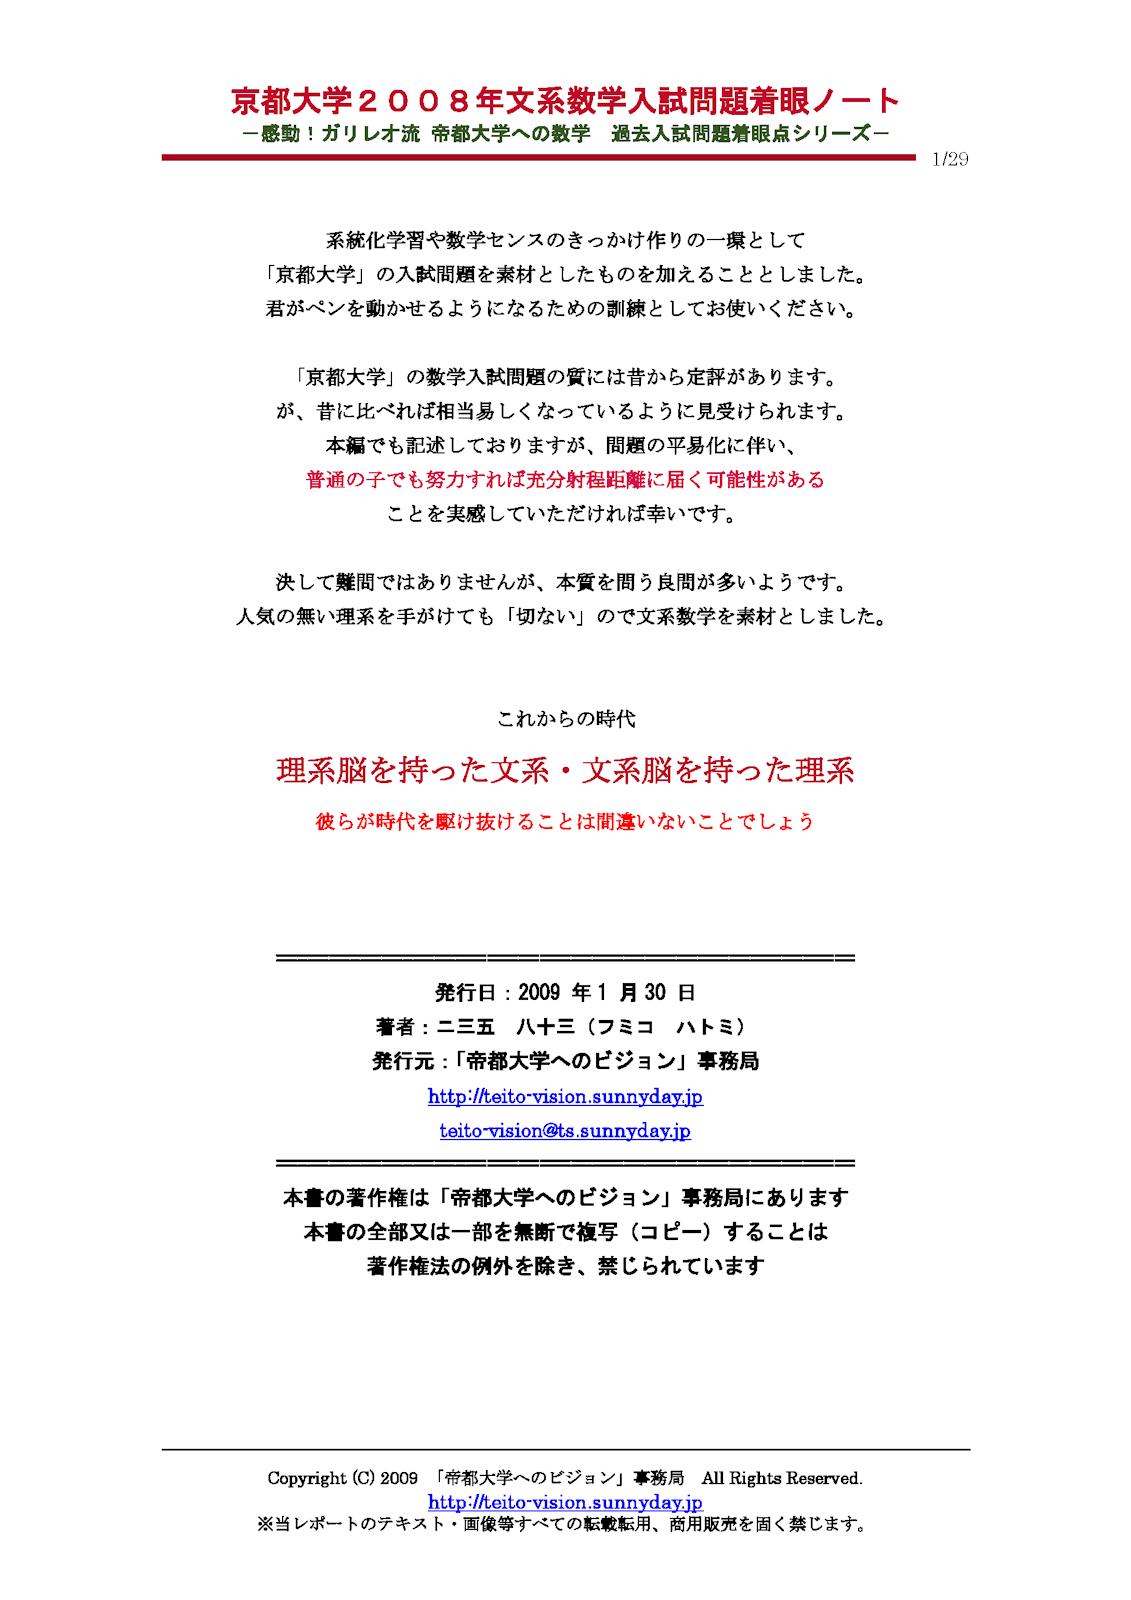 京都大学2008年文系数学入試問題着眼点ノート